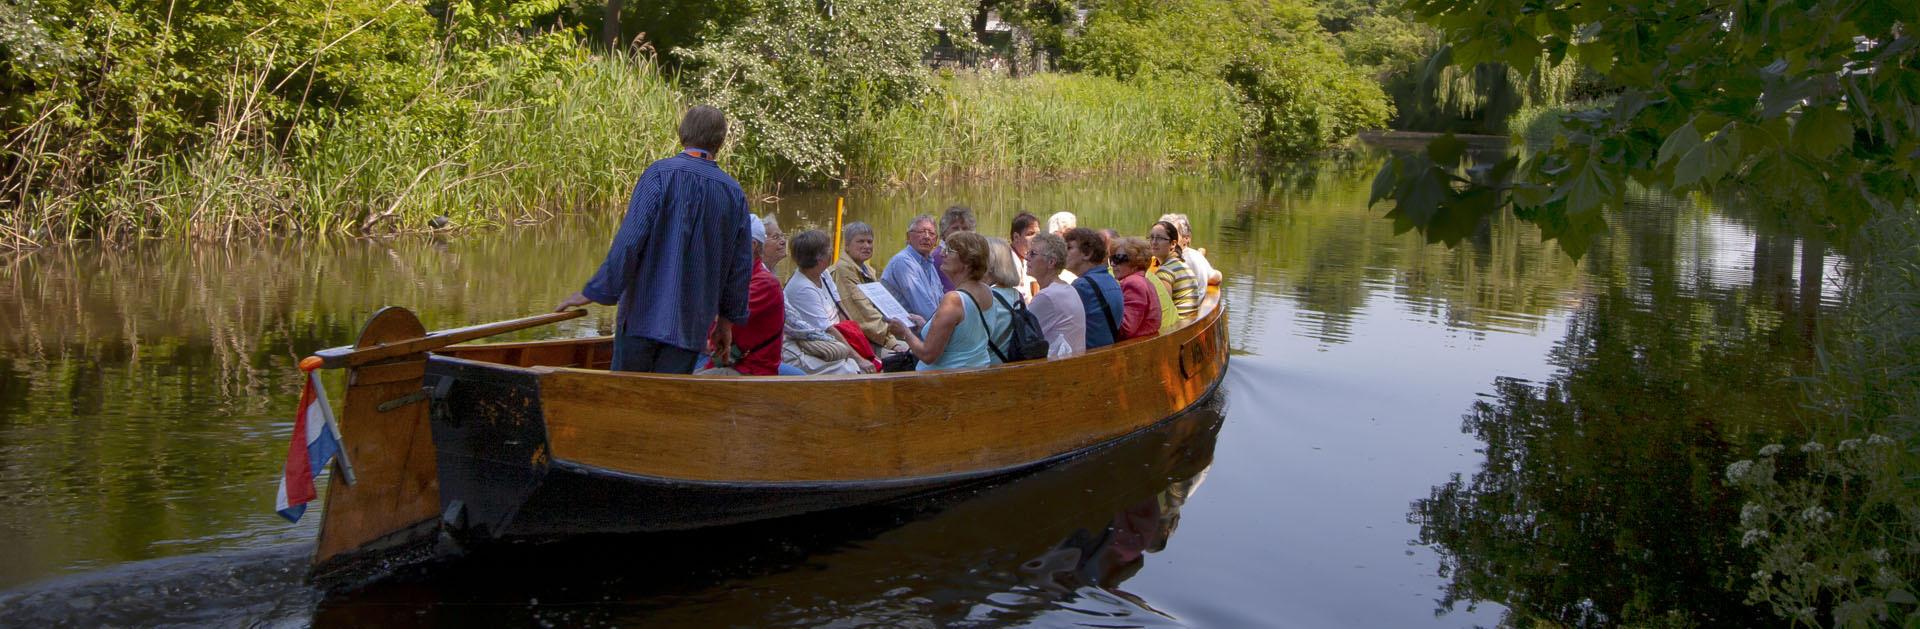 Fluisterboot - Zutphen